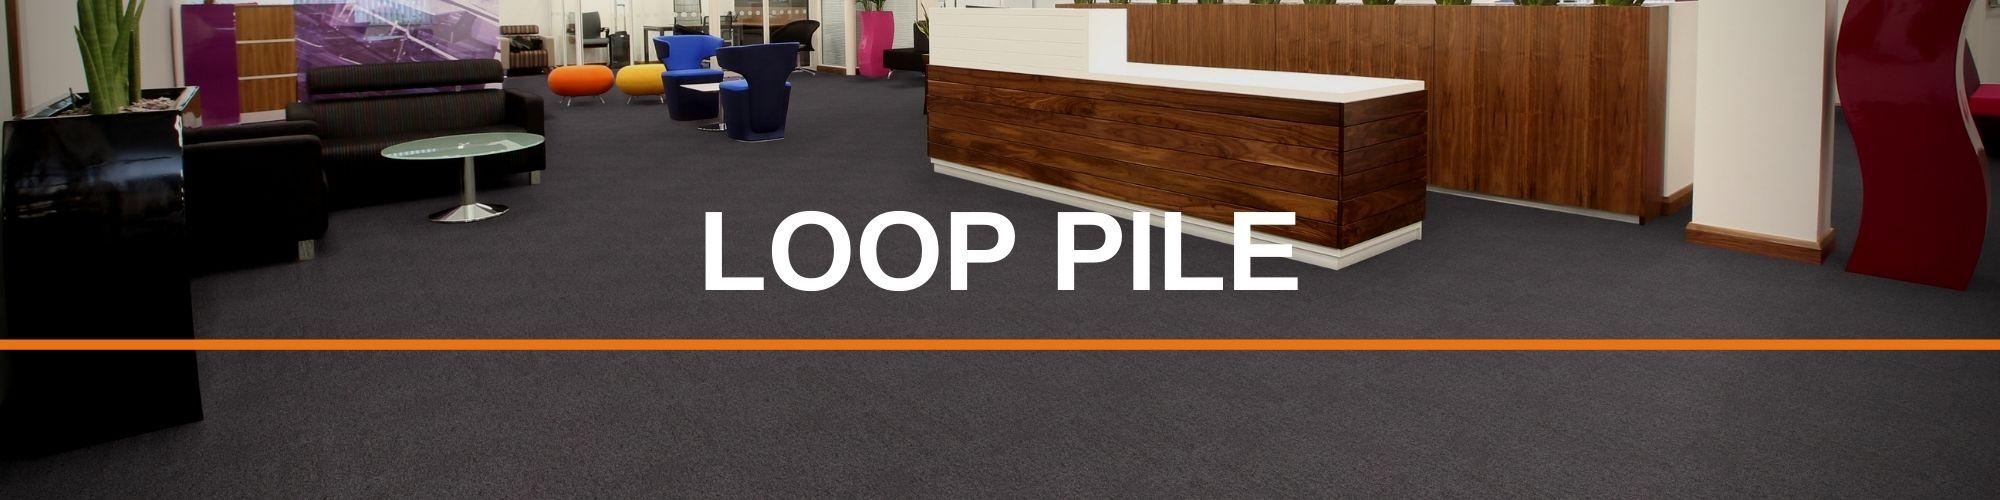 LOOP PILE   Paragon Carpet Tiles   Commercial Carpet Tiles